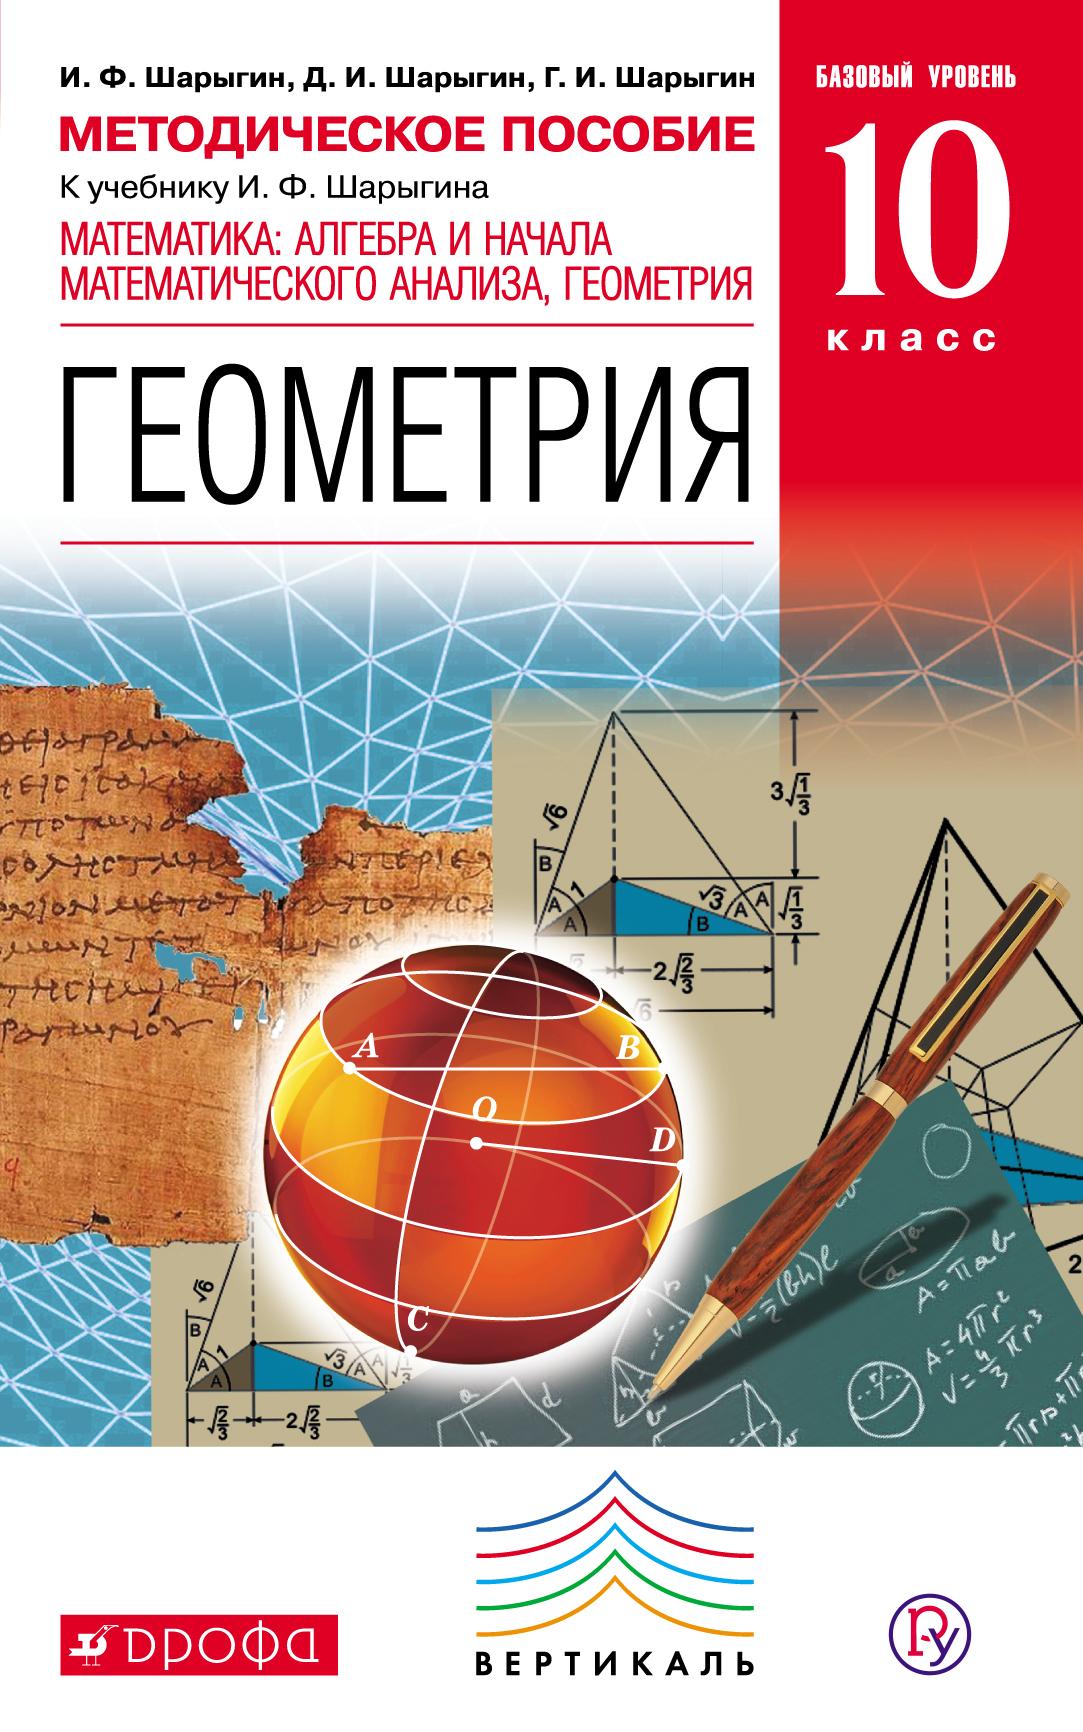 Математика: алгебра и начала математического анализа, геометрия. Геометрия.10 класс. Базовый уровень.Методическое пособие от book24.ru